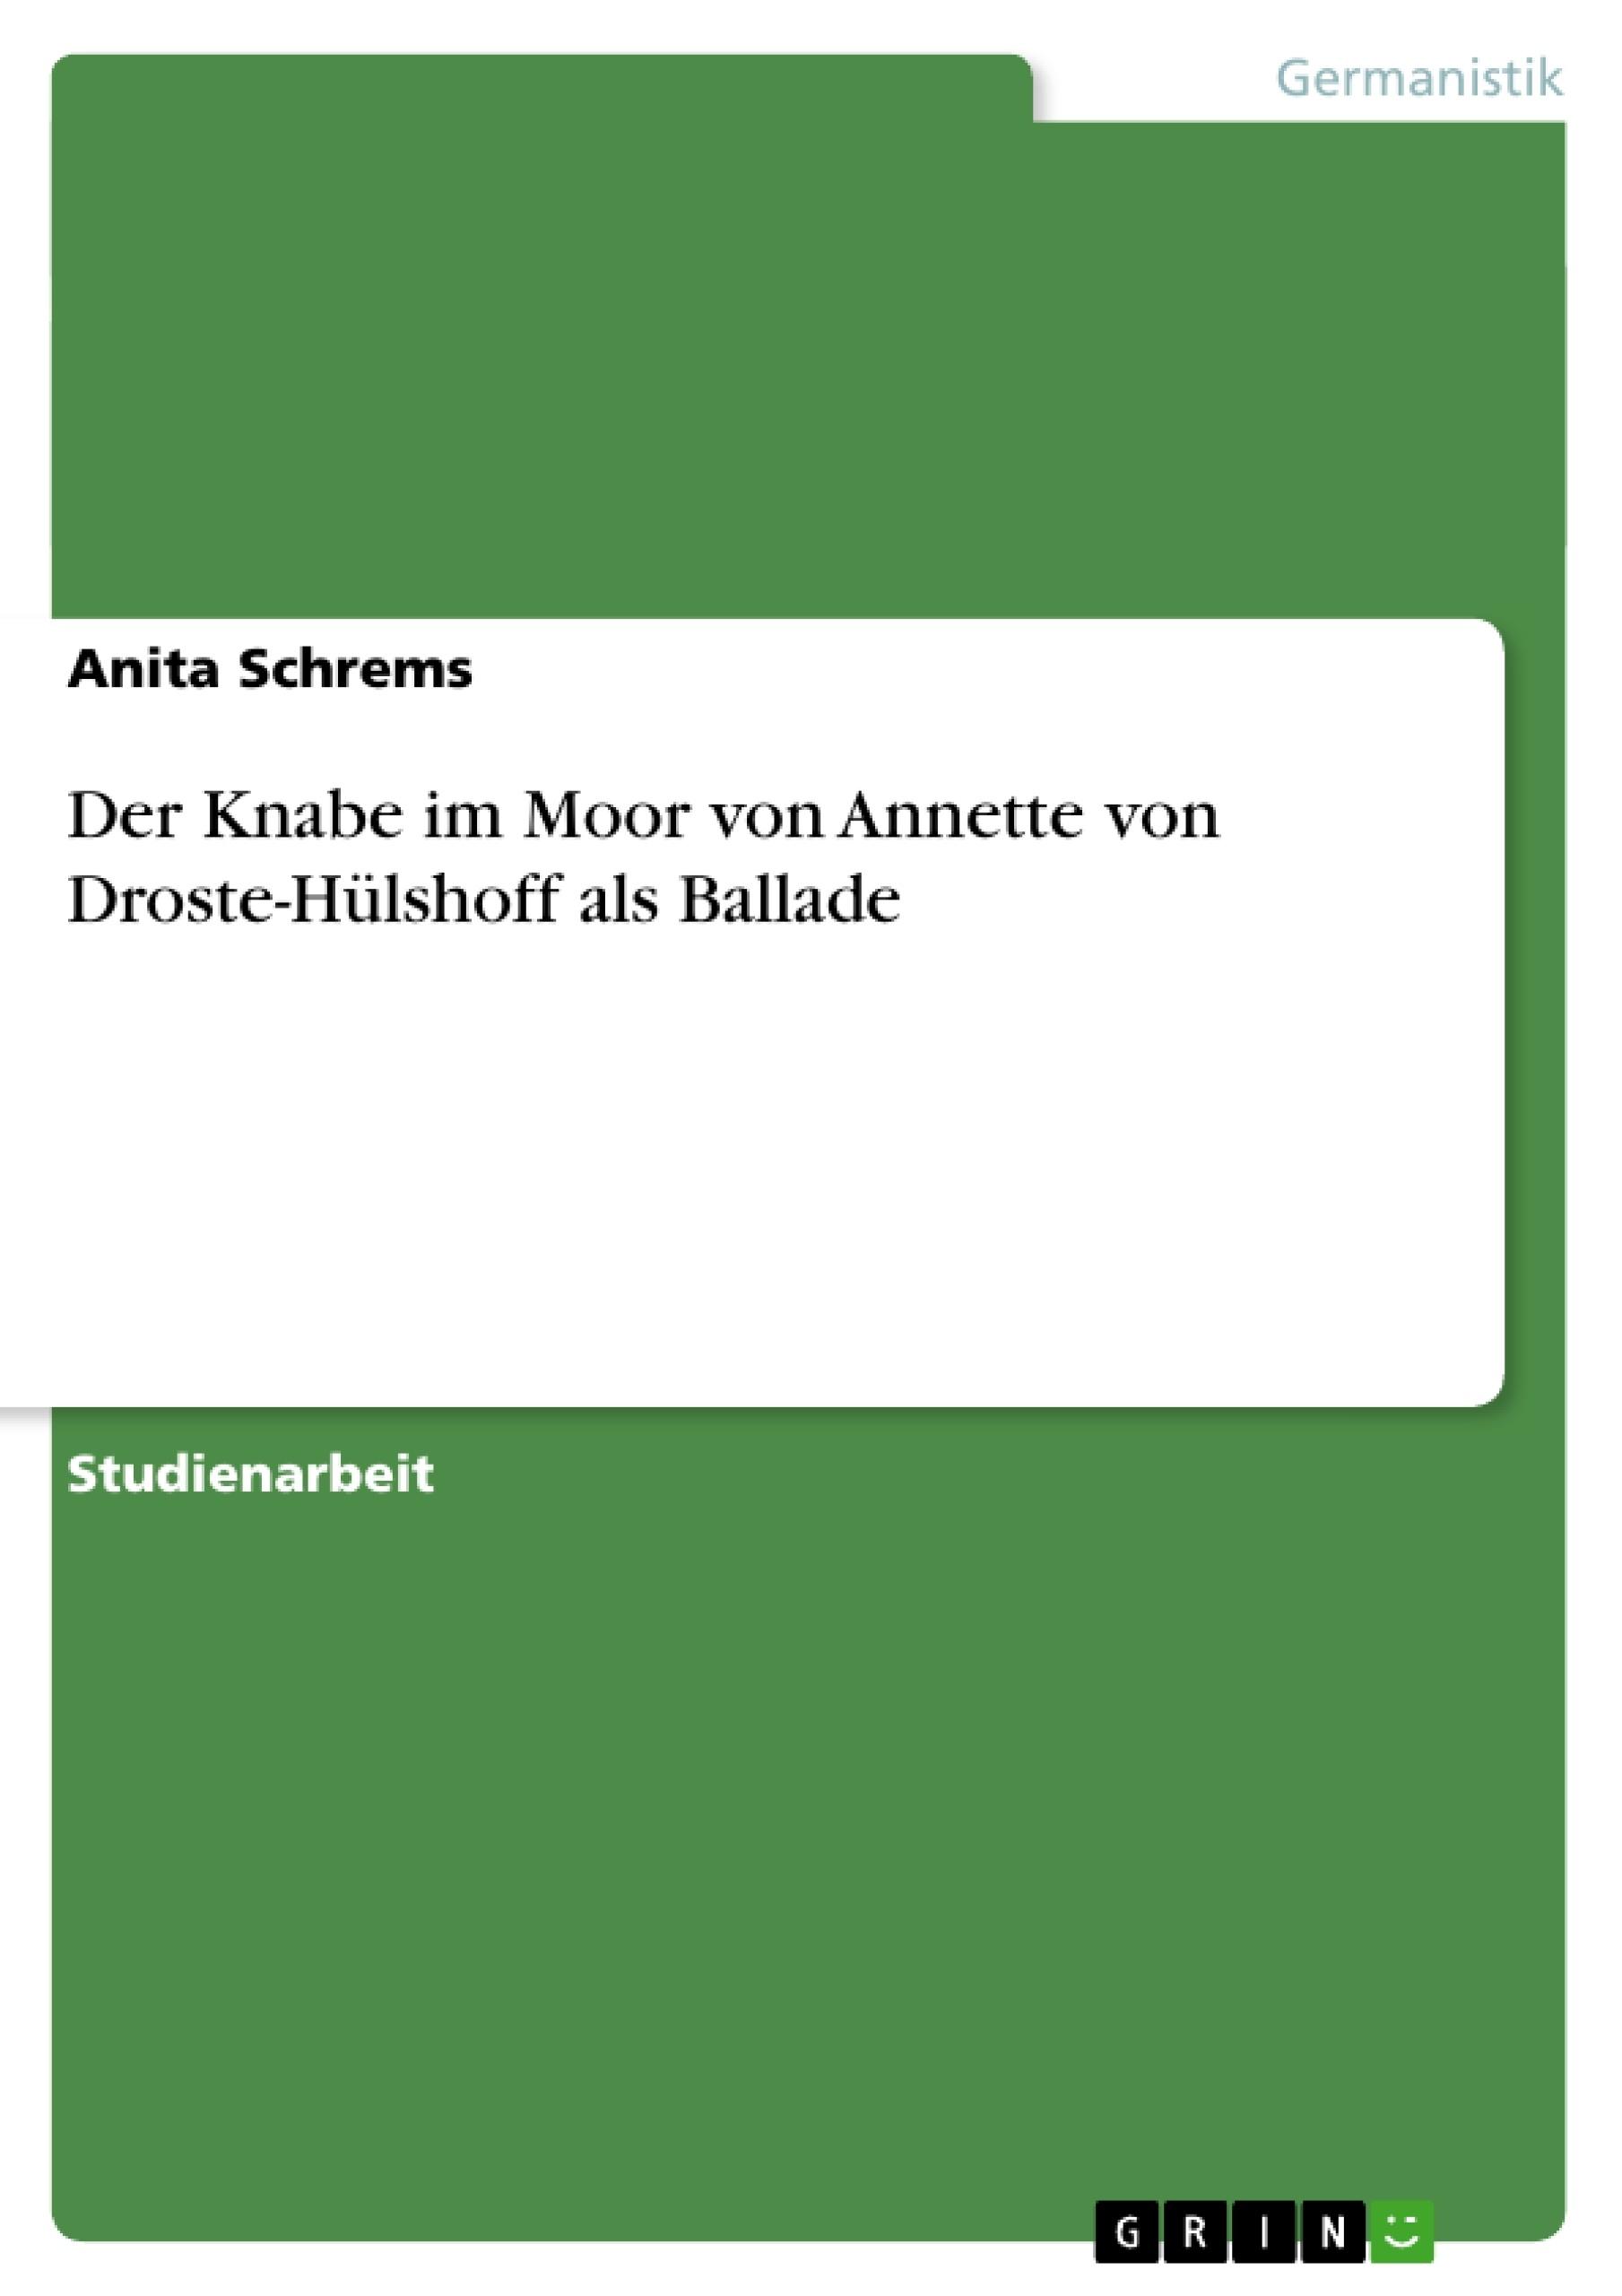 Titel: Der Knabe im Moor von Annette von Droste-Hülshoff als Ballade